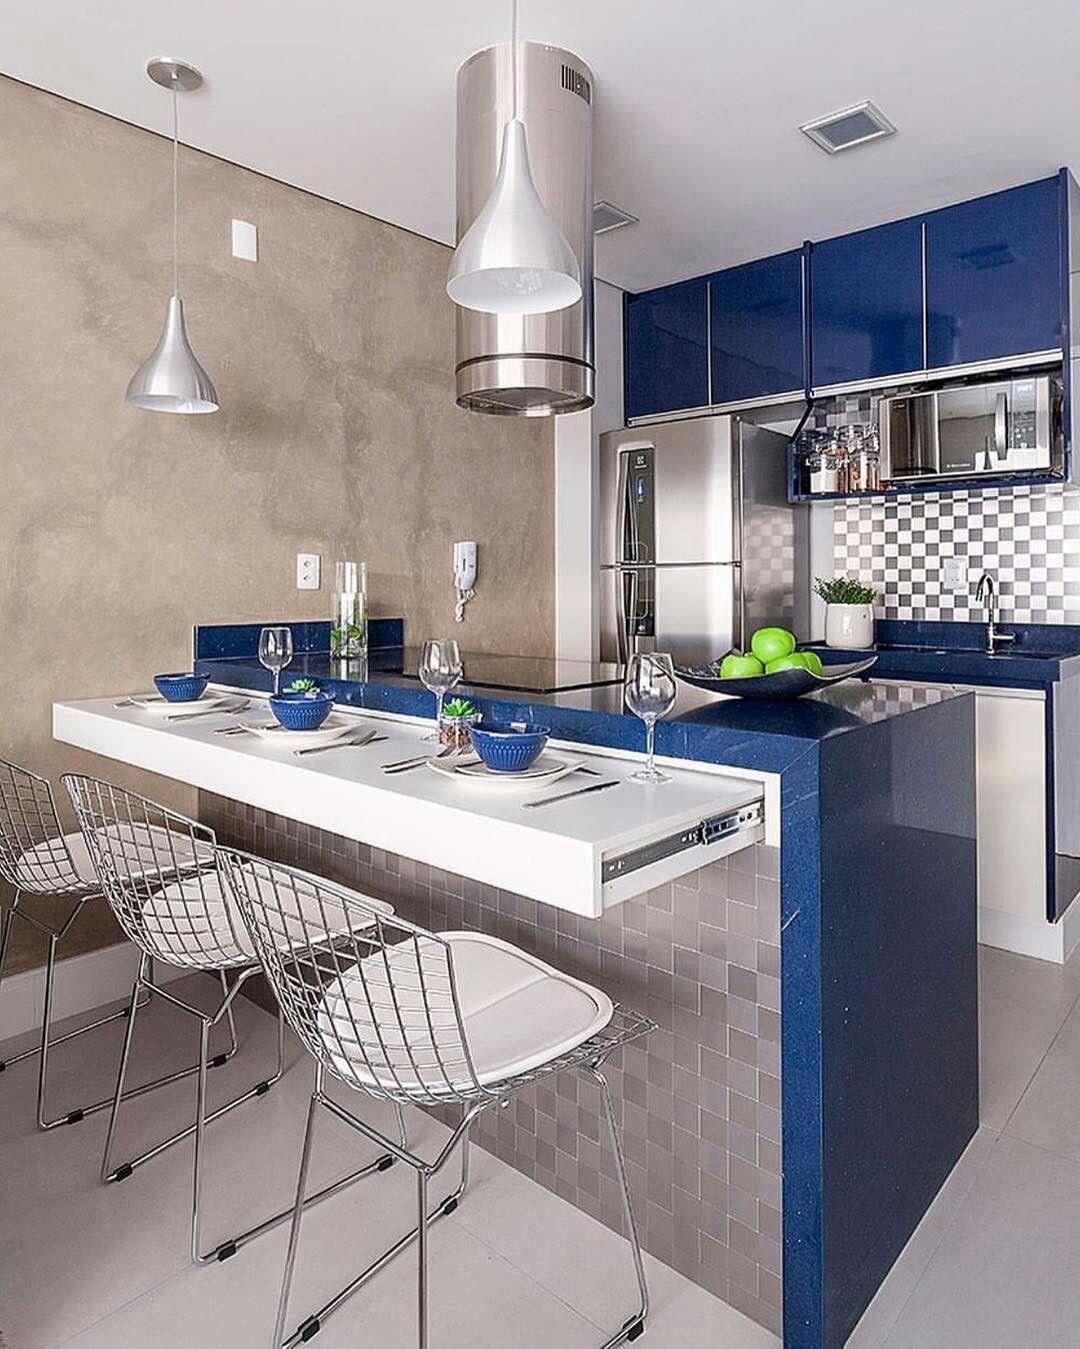 Hezka vesela modra barva linky. | Casa | Pinterest | Cocinas, Cocina ...